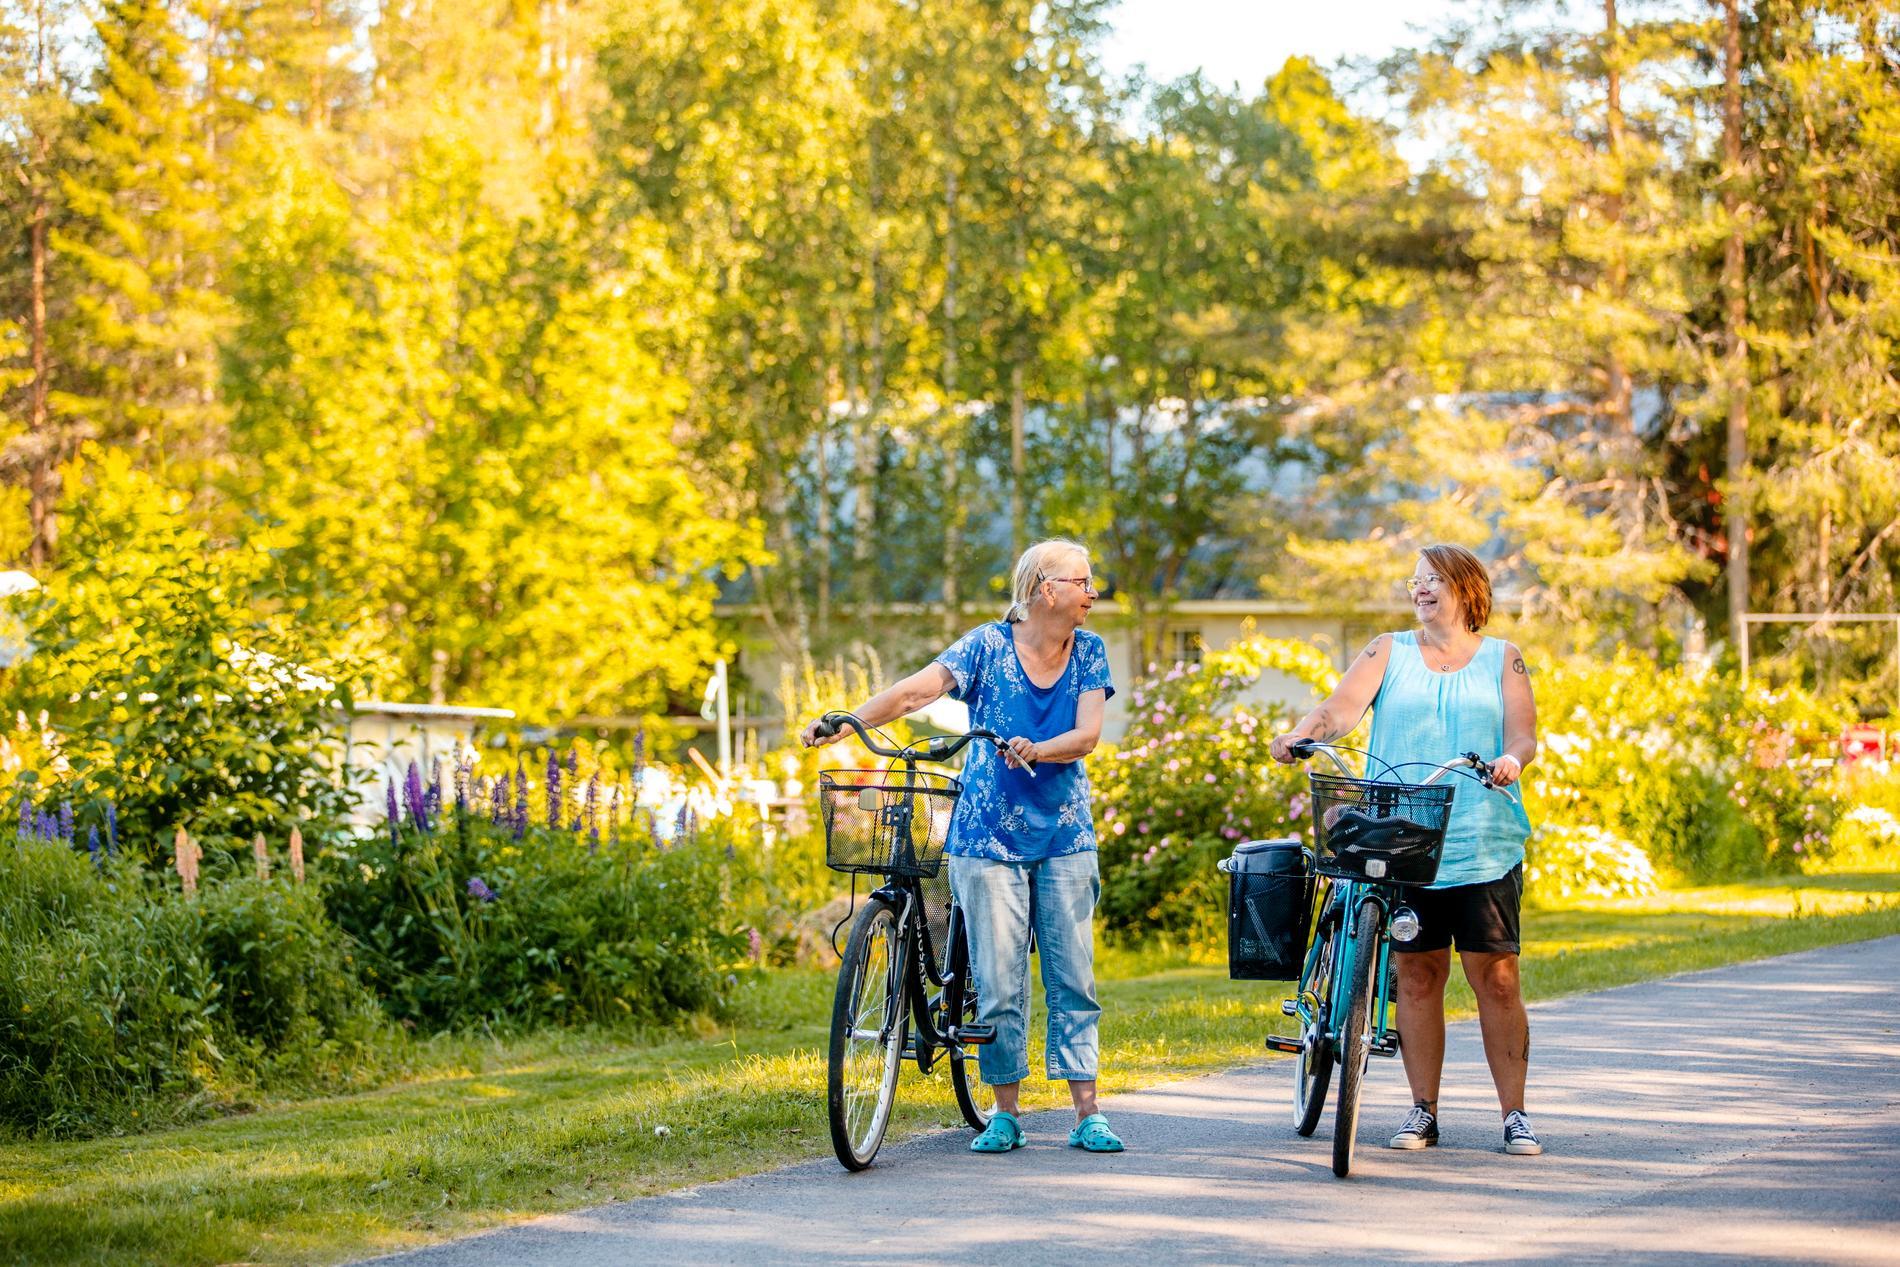 Karin Nelson, ordförande, och Madeleine Lindqvist som är sekreterare i odlingslottsföreningen Killingholm. För många spelar det sociala sammanhanget som följer med odlingslotter stor roll.